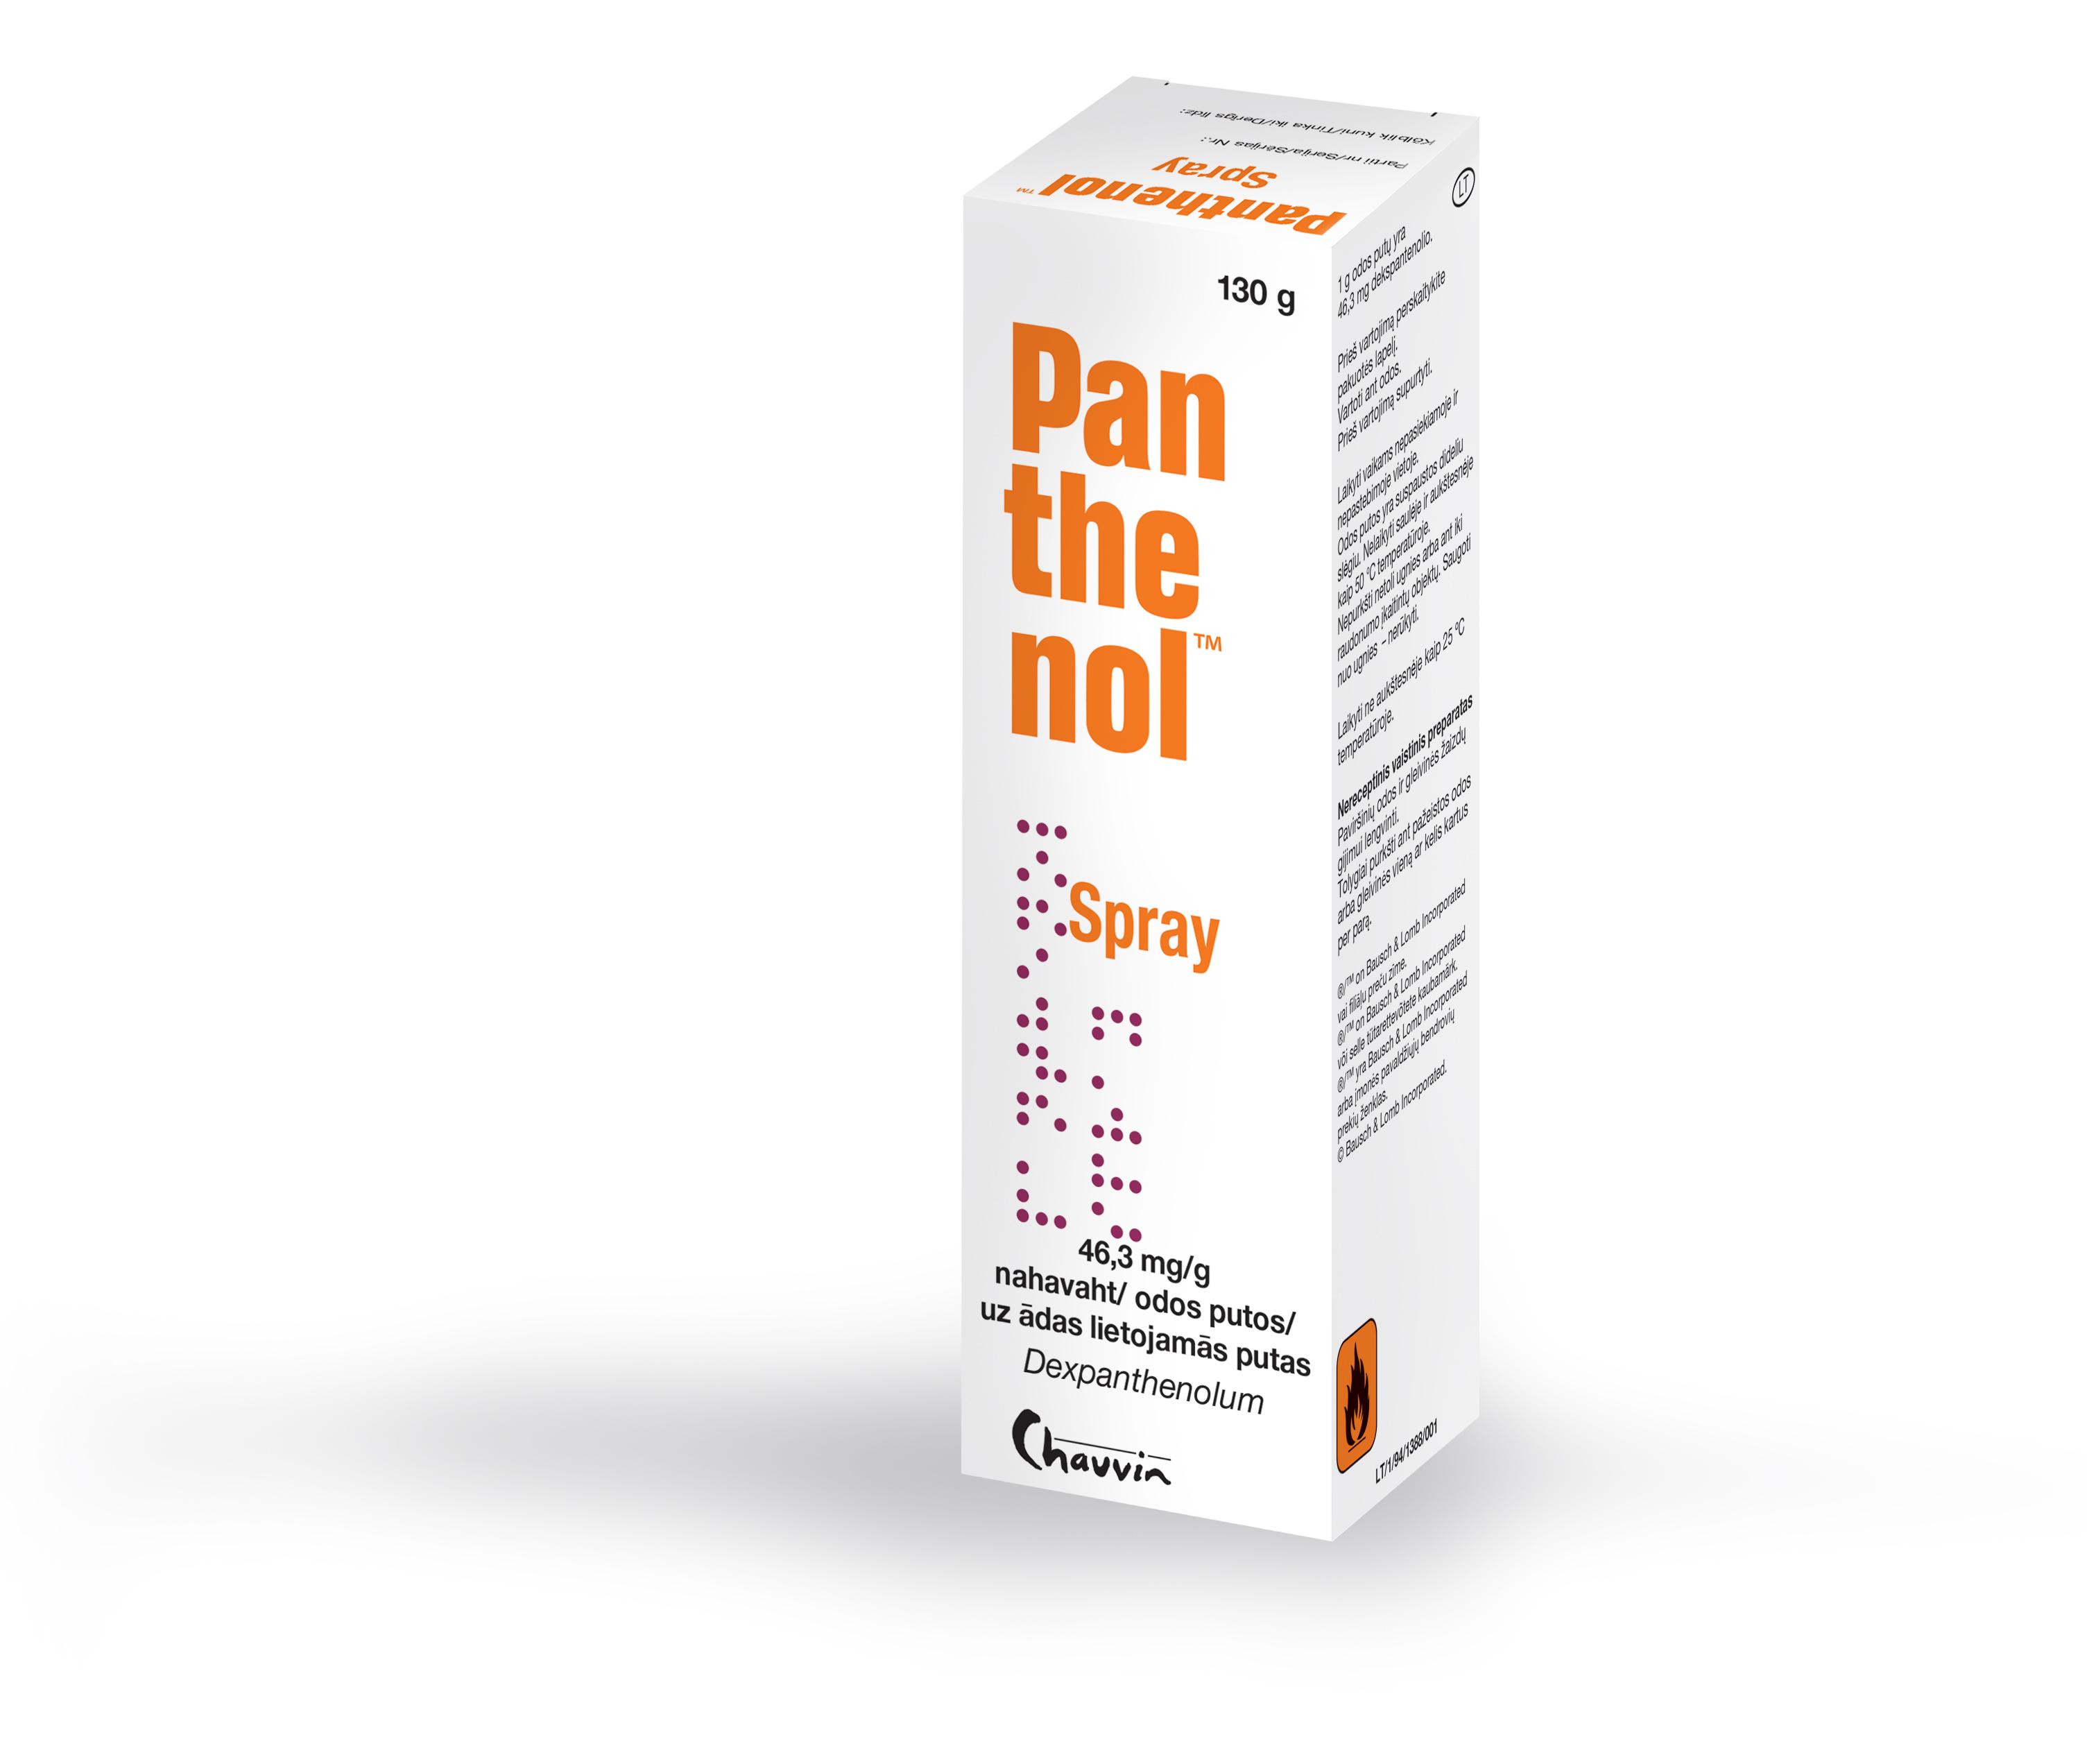 How to apply spray panthenol